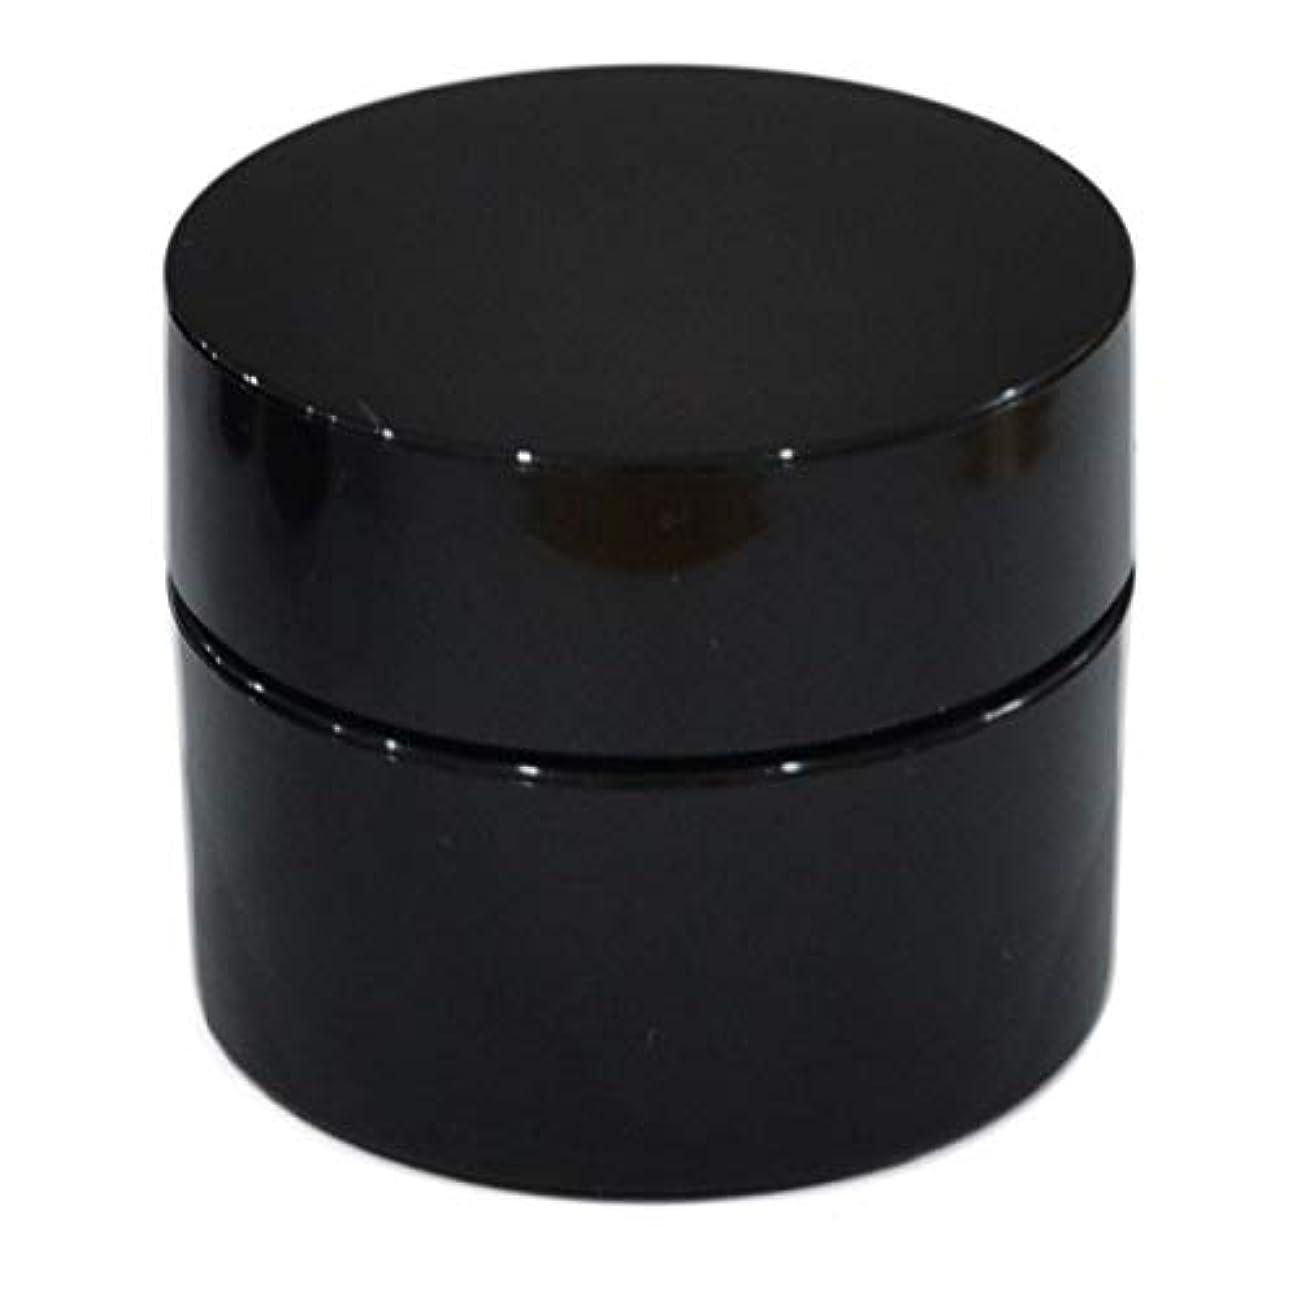 軽有益な養う純国産ネイルジェル用コンテナ 10g用GA10g 漏れ防止パッキン&ブラシプレート付容器 ジェルを無駄なく使える底面傾斜あり 遮光 黒 ブラック